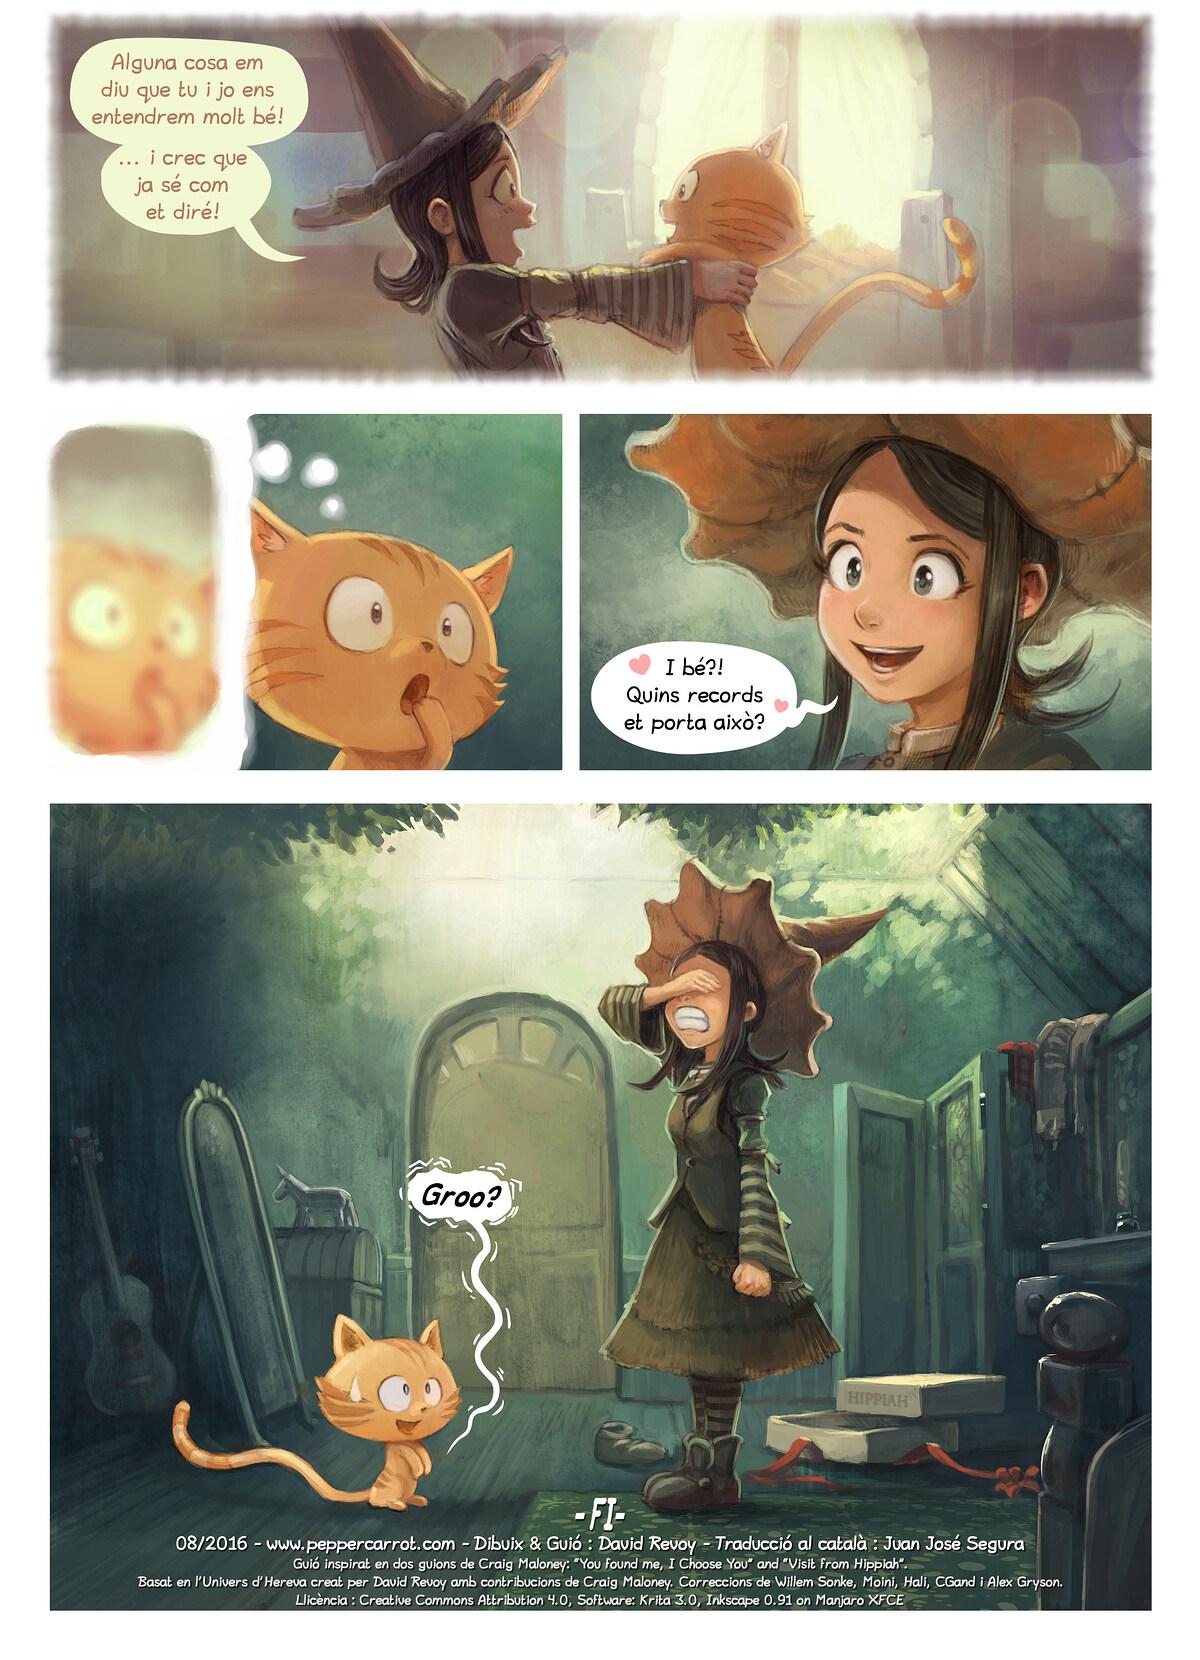 A webcomic page of Pepper&Carrot, episodi 18 [ca], pàgina 7